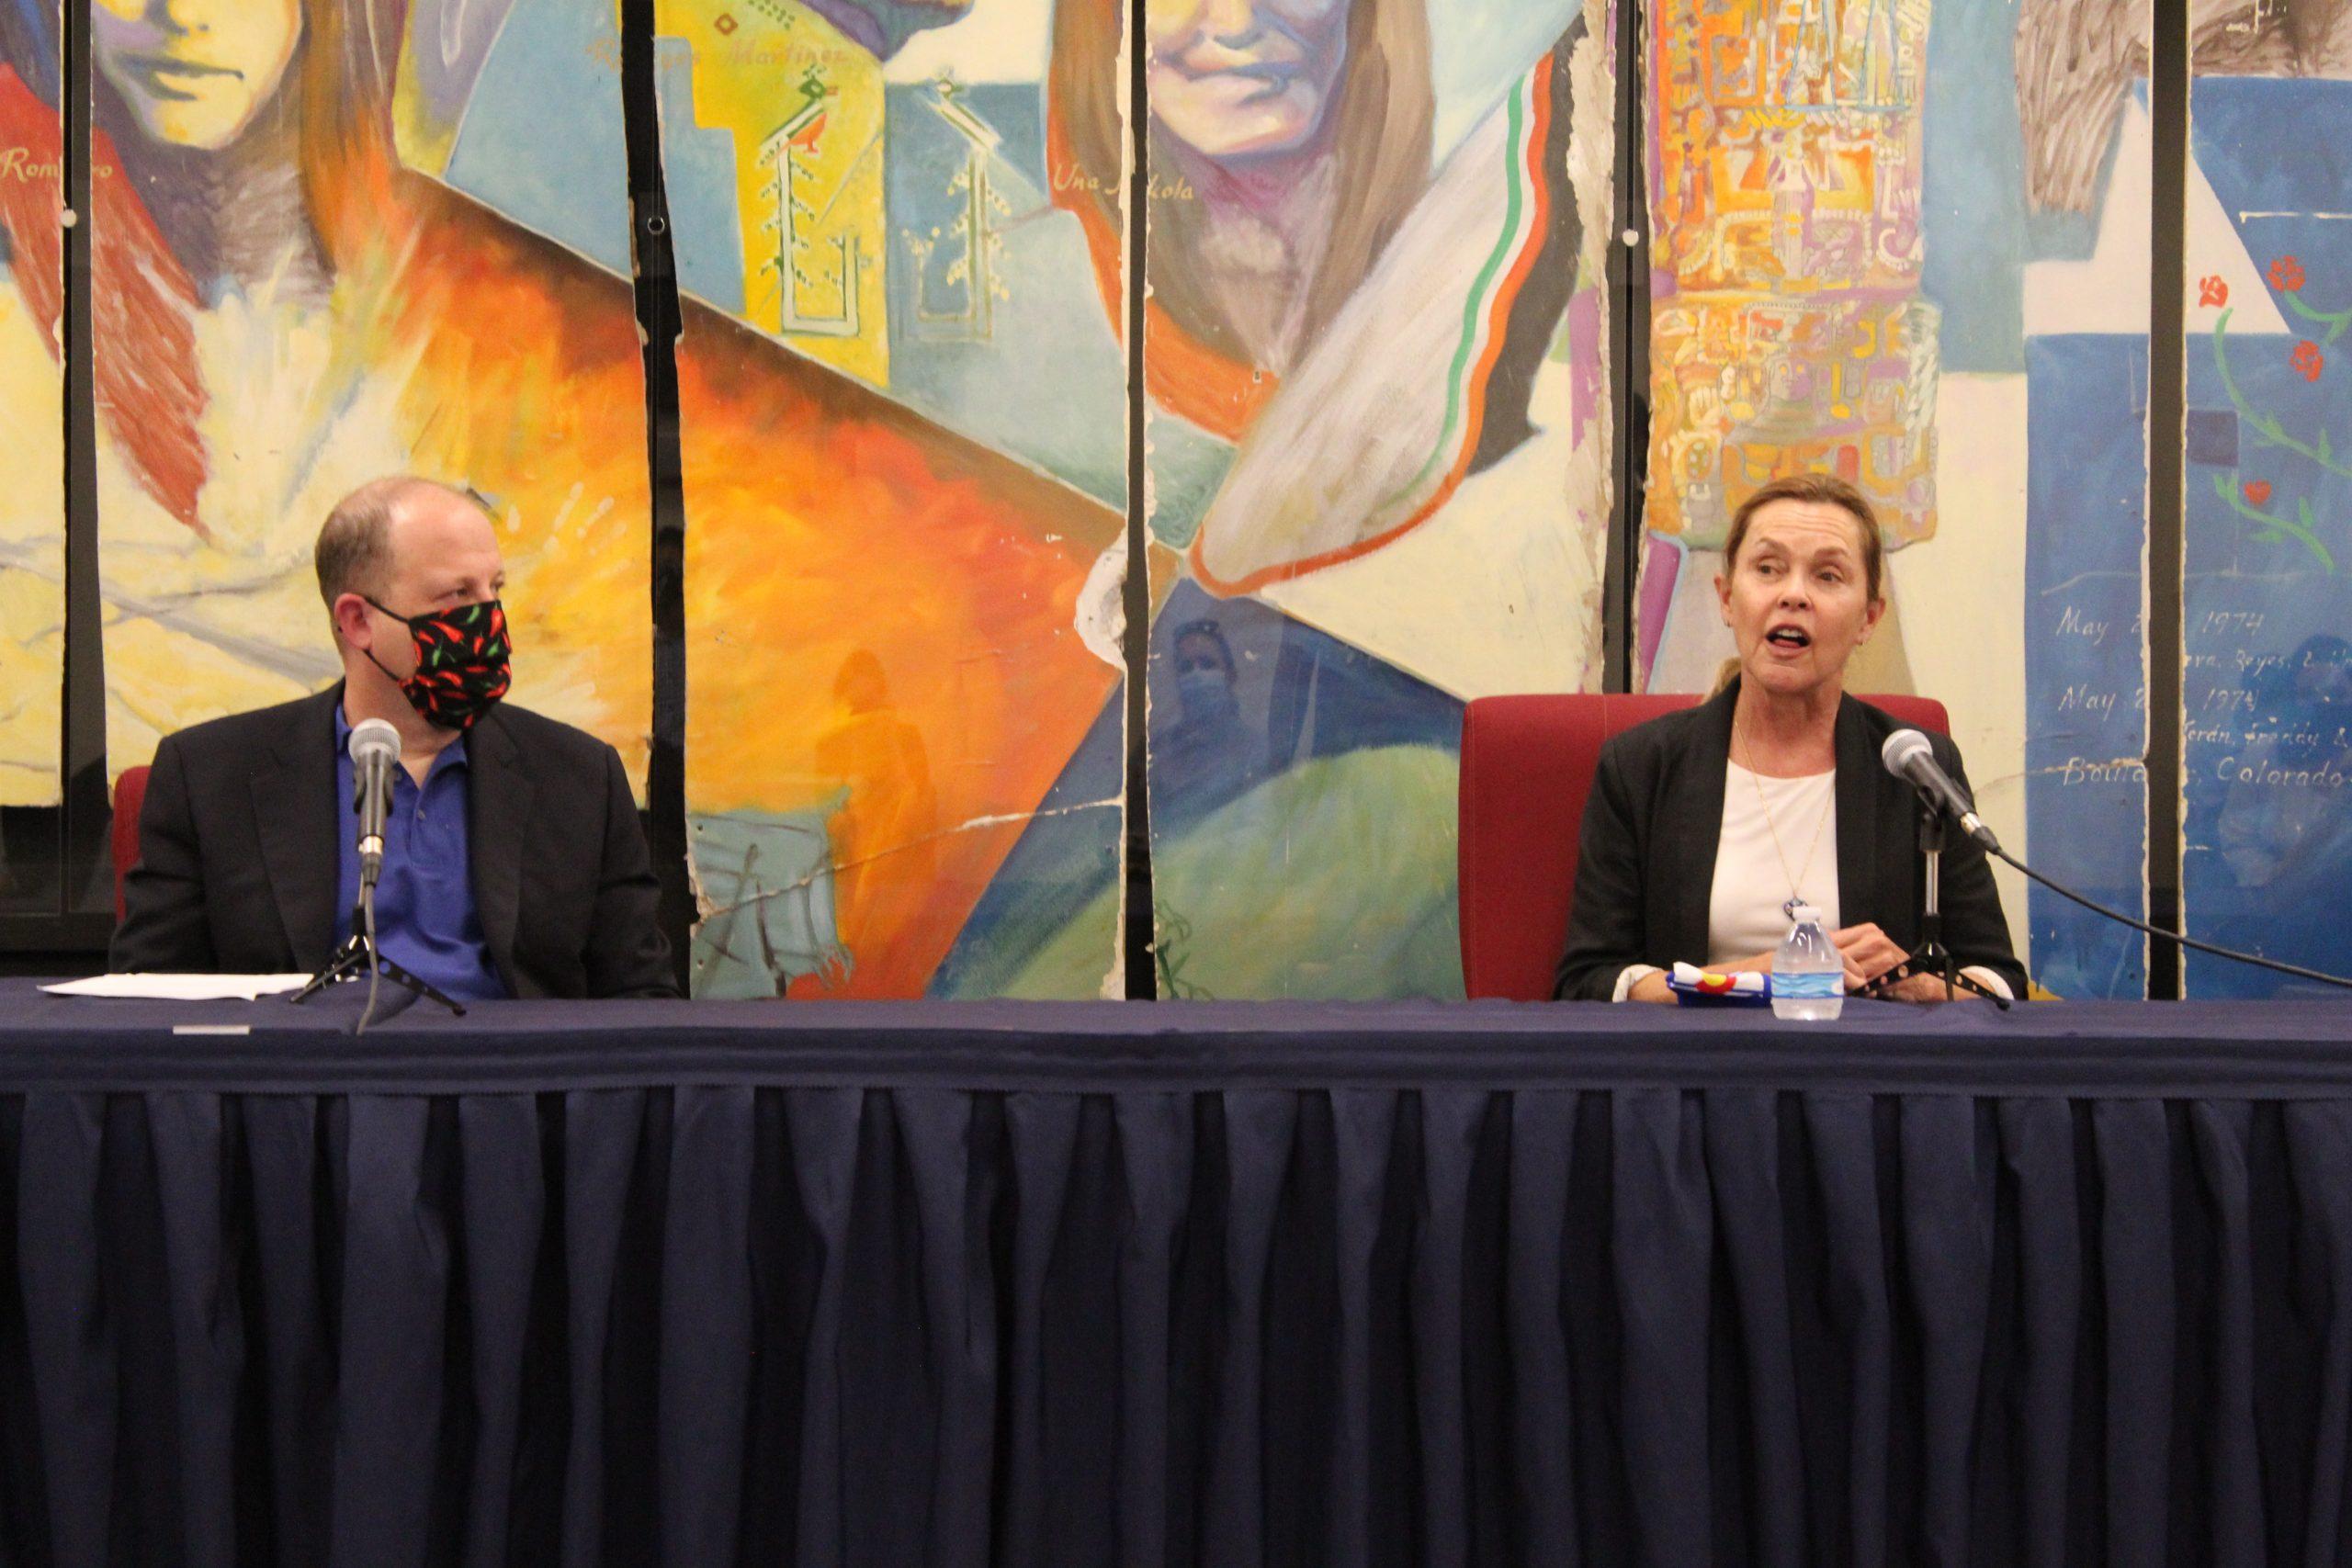 Jared Polis and Betsy Markey